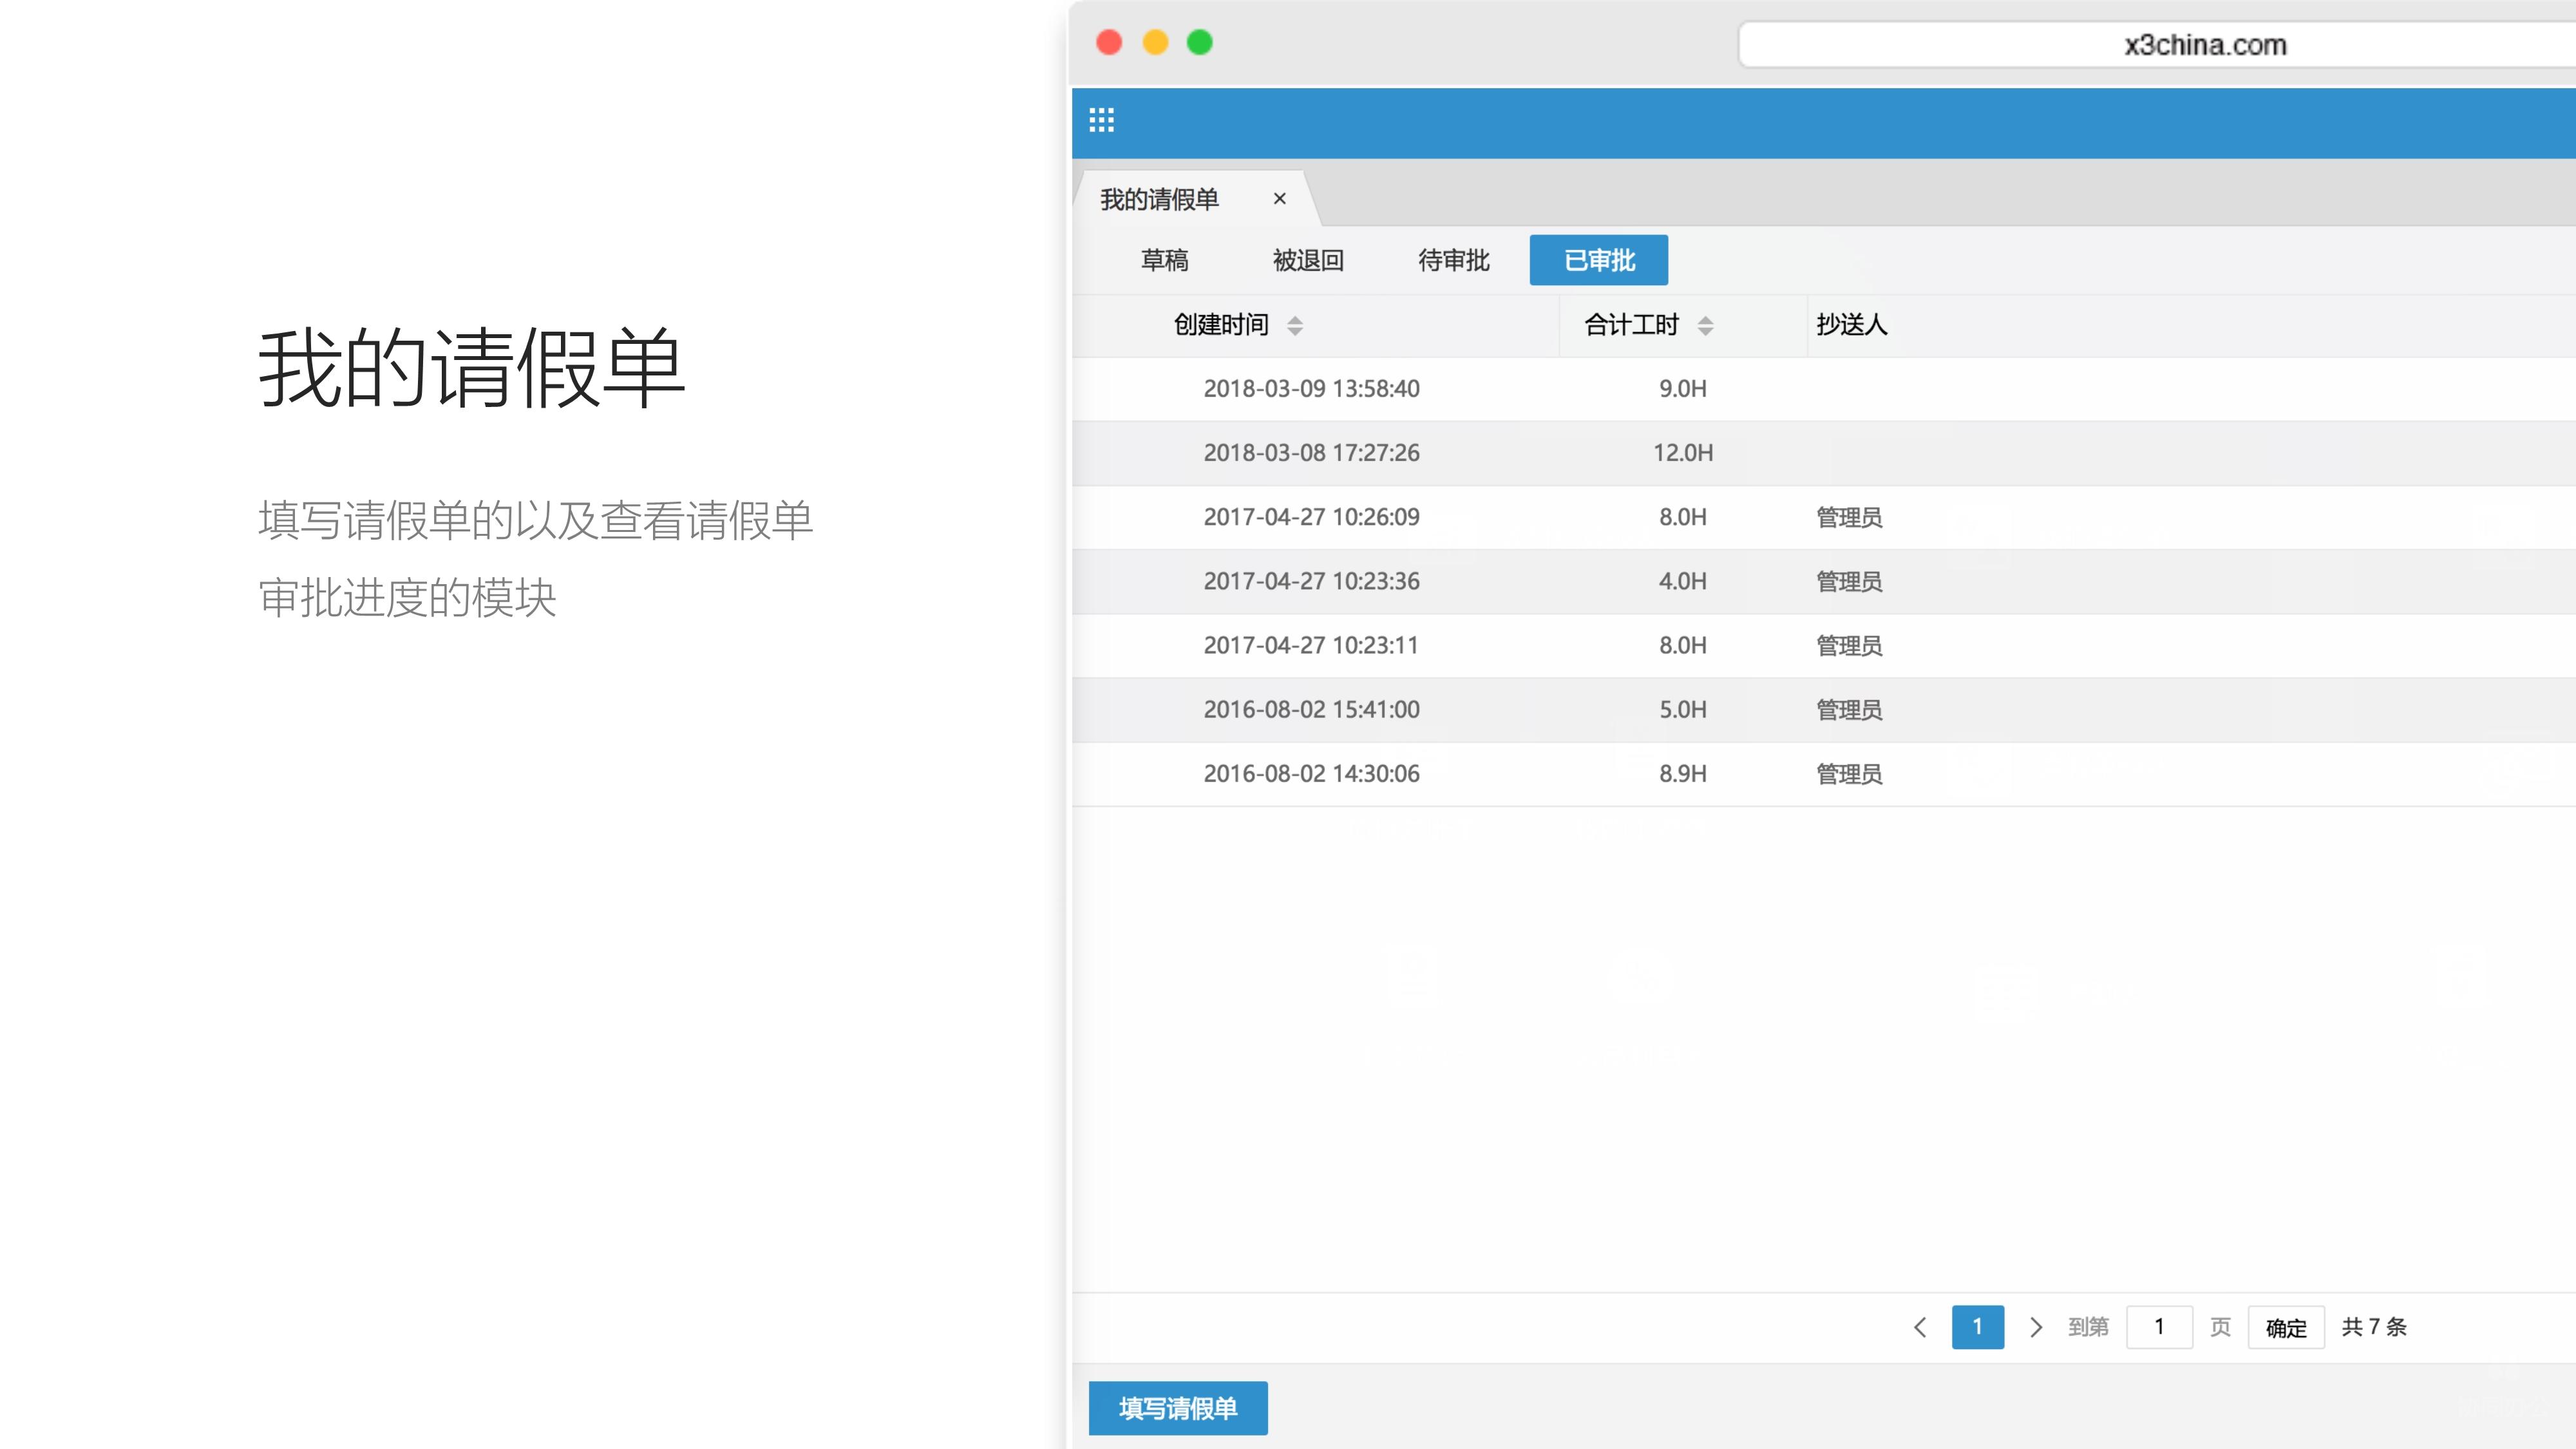 011809420157_0兴元移动协同办公_17.Jpeg